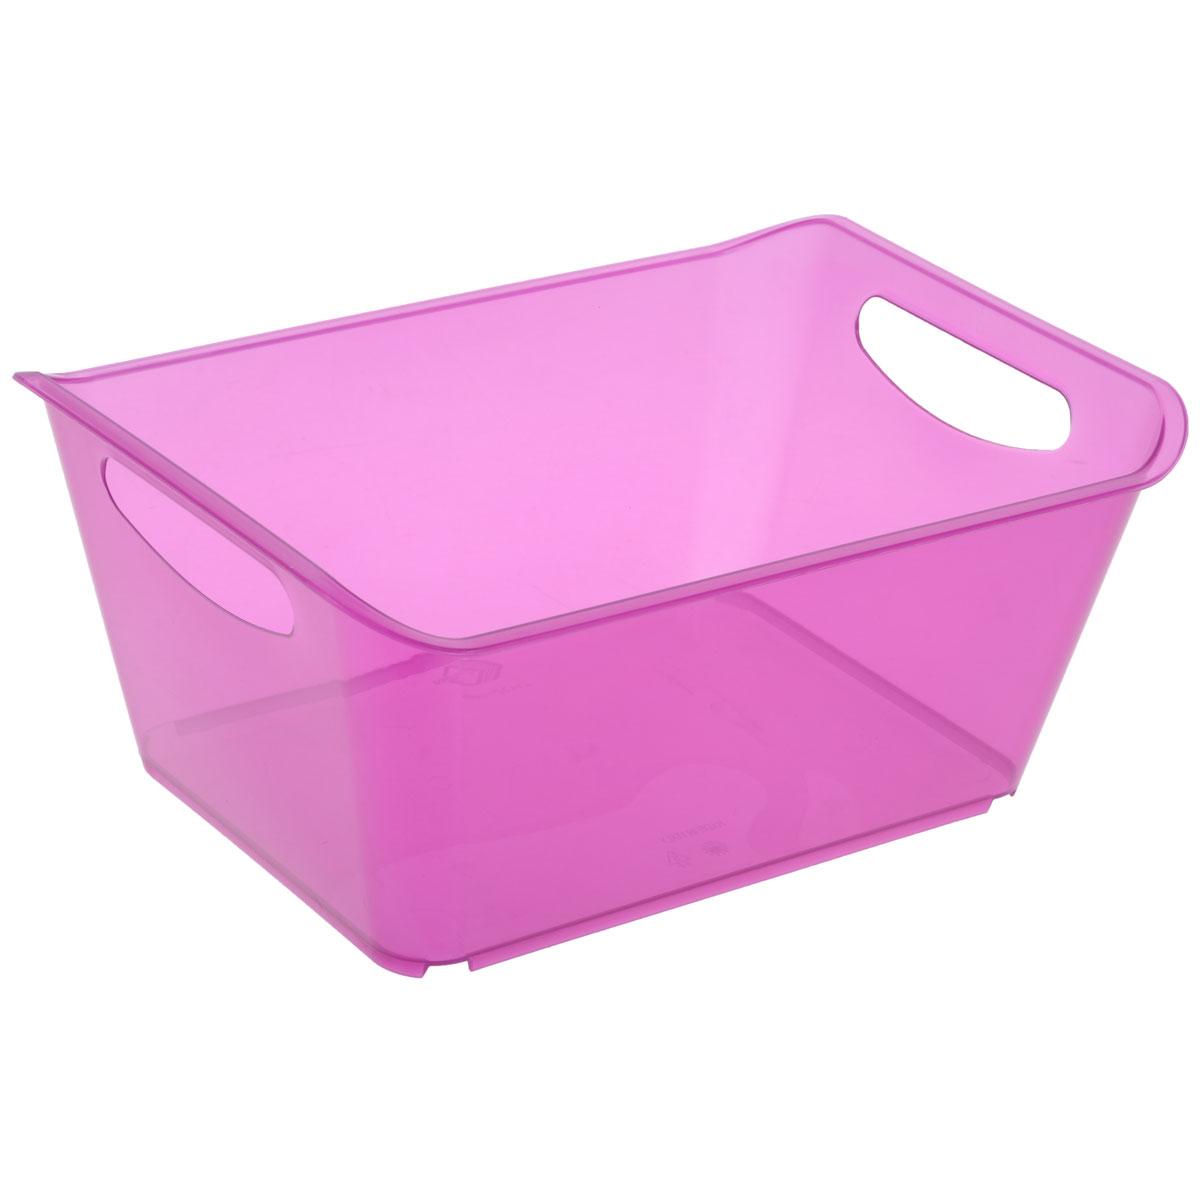 Контейнер Gensini, цвет: сиреневый, 10 л3332Контейнер Gensini выполнен из прочного пластика. Он предназначен для хранения различных мелких вещей в ванной, на кухне, даче или гараже, исключая возможность их потери. По бокам контейнера предусмотрены две удобные ручки для его переноски. Контейнер поможет хранить все в одном месте, а также защитить вещи от пыли, грязи и влаги. Объем: 10 л.